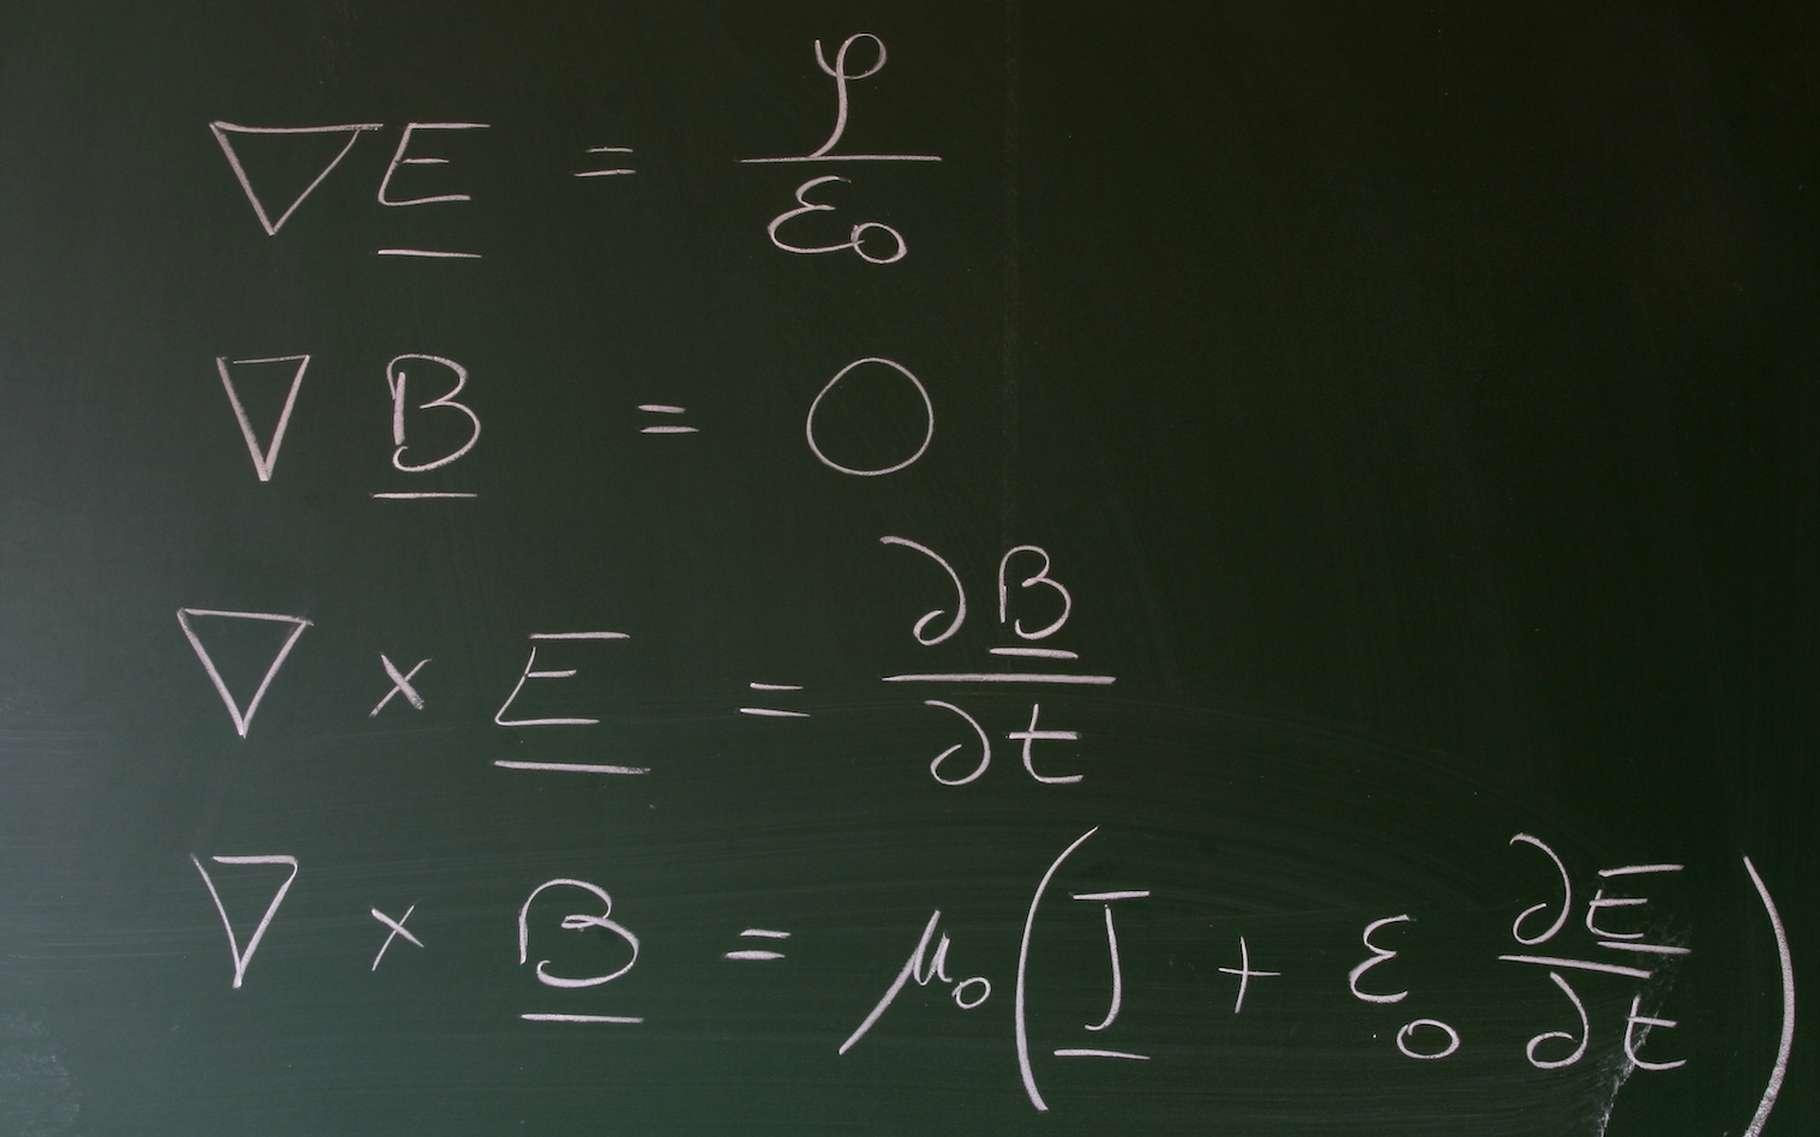 Les équations de Maxwell posent les bases de l'électromagnétisme et mettent en lumière une certaine symétrie entre électricité et magnétisme. Une symétrie que les physiciens appellent dualité électromagnétique. © Claude Wangen, Adobe Stock